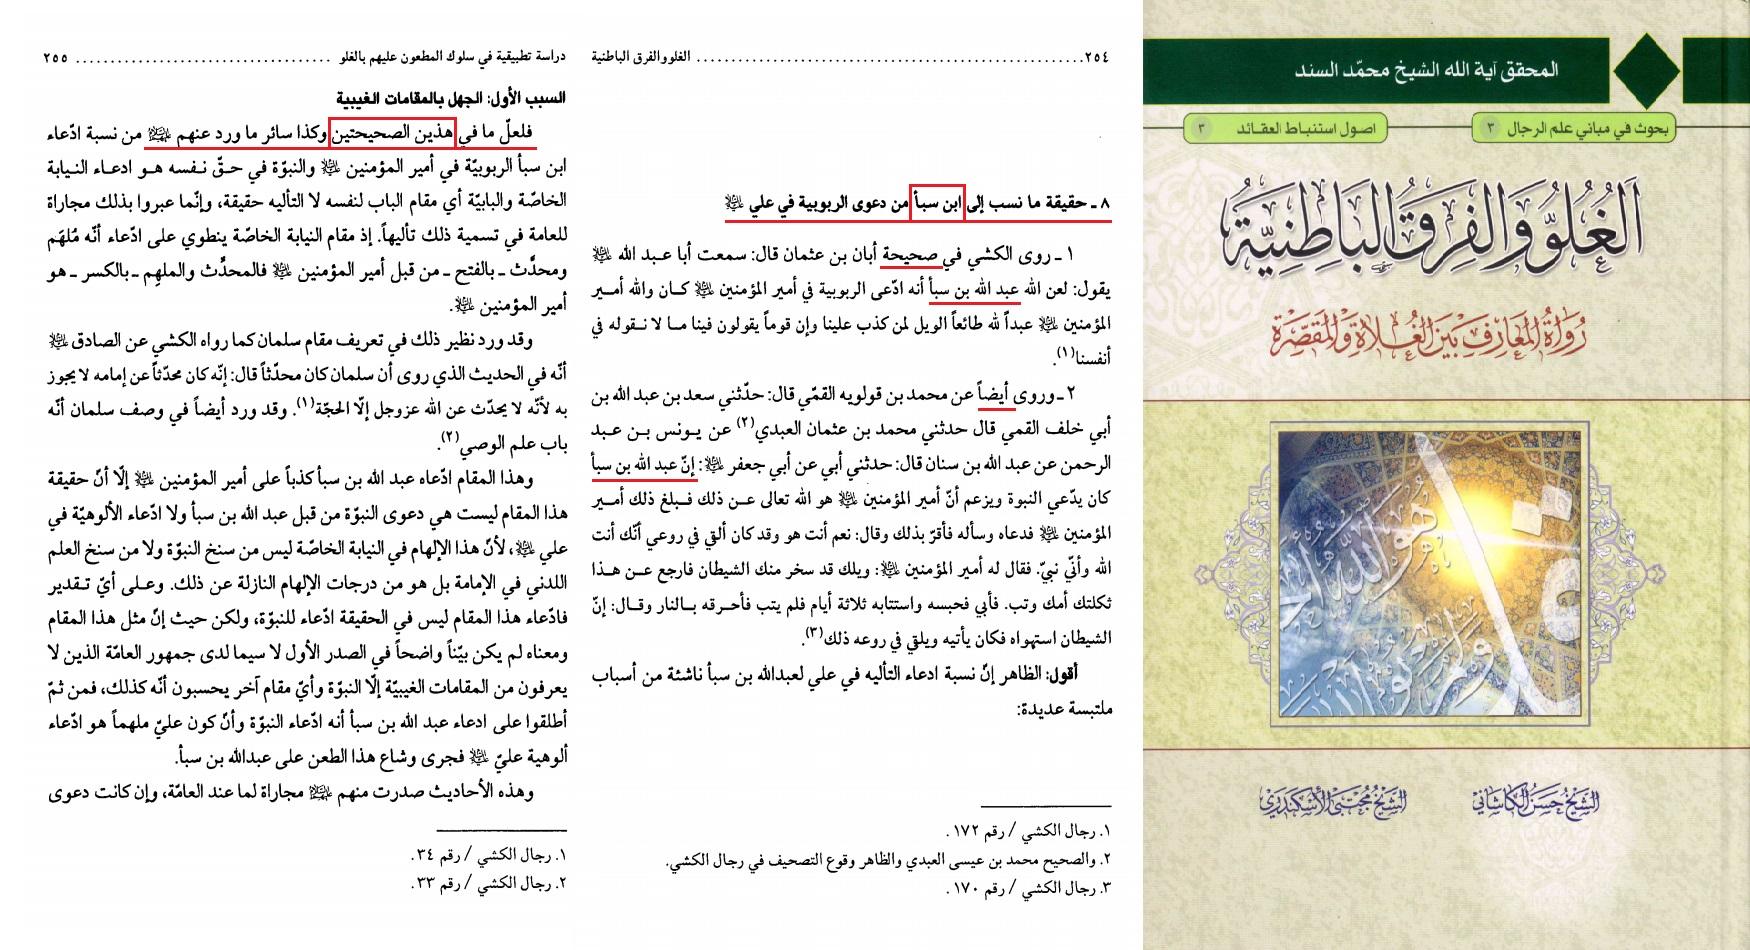 الاســـم:سندي صحيح من كتب الشيعة.jpg المشاهدات: 1679 الحجـــم:559.1 كيلوبايت